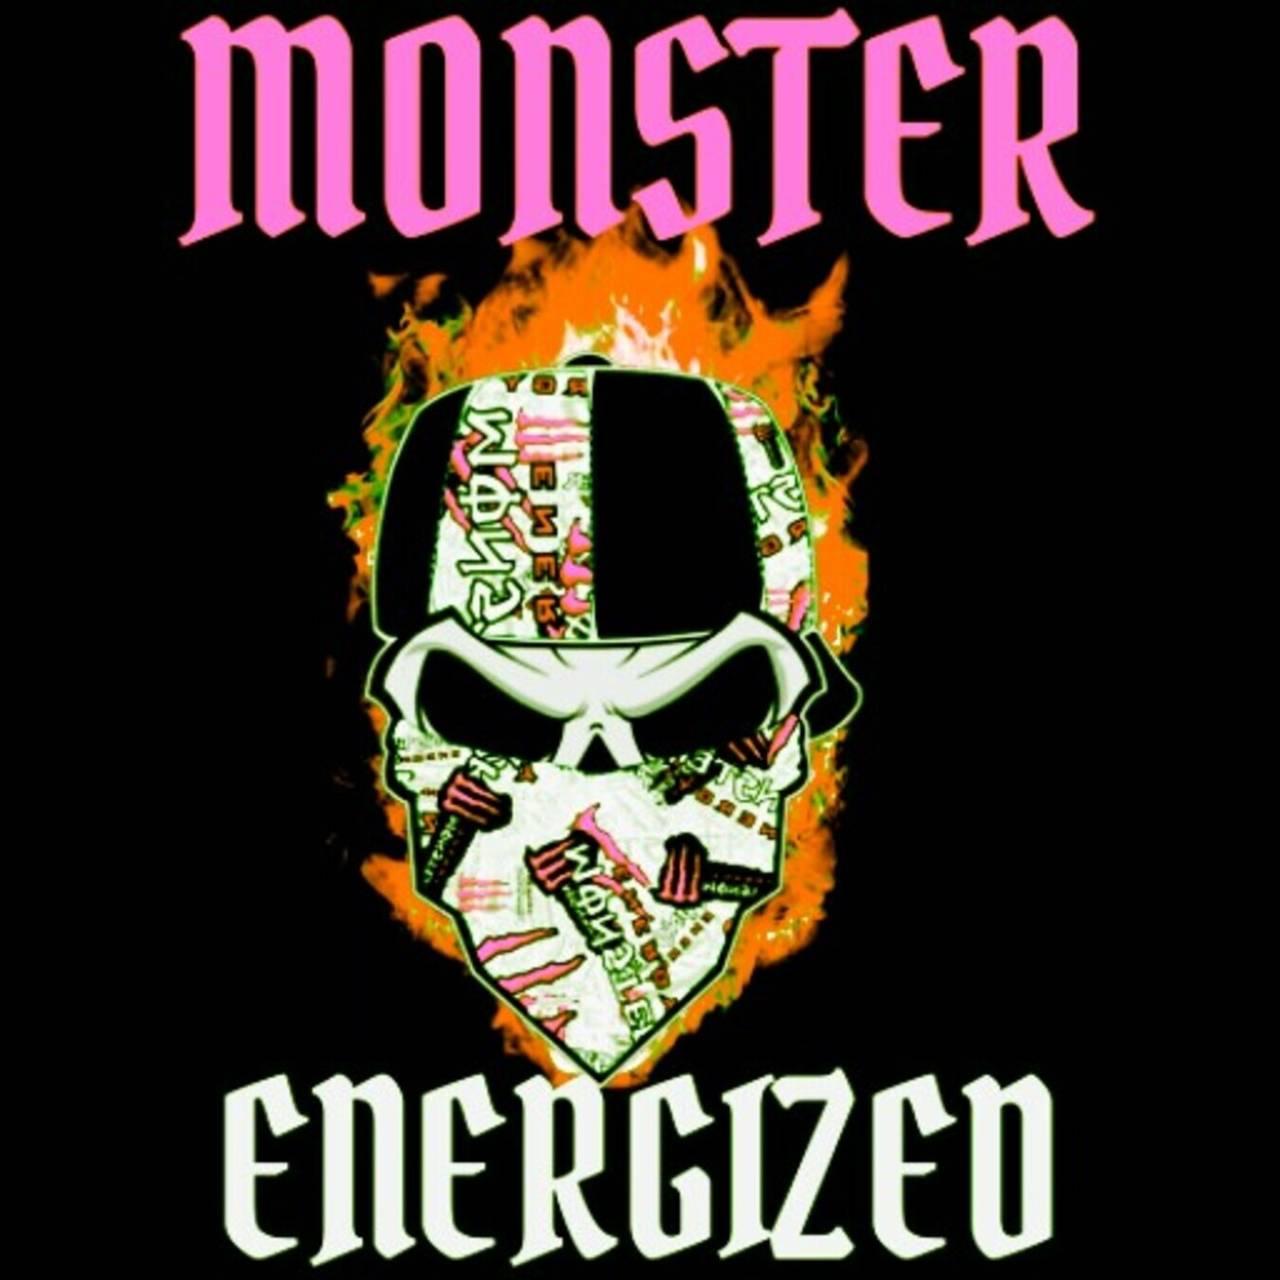 Monster t**g life